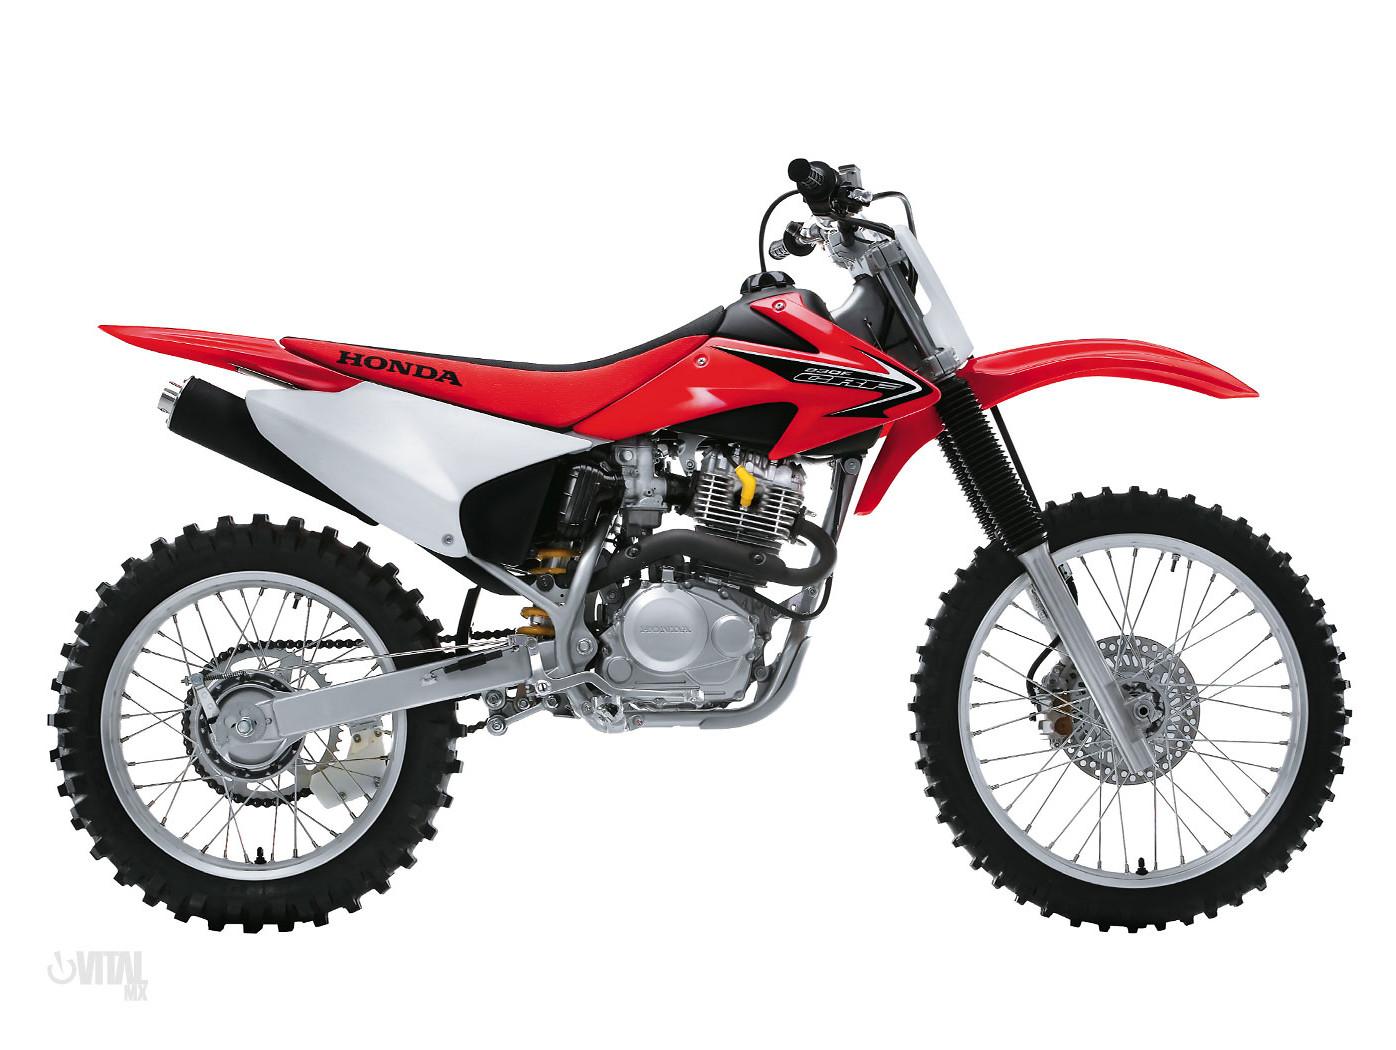 2008 Honda CRF230F  2008 Honda CRF230F